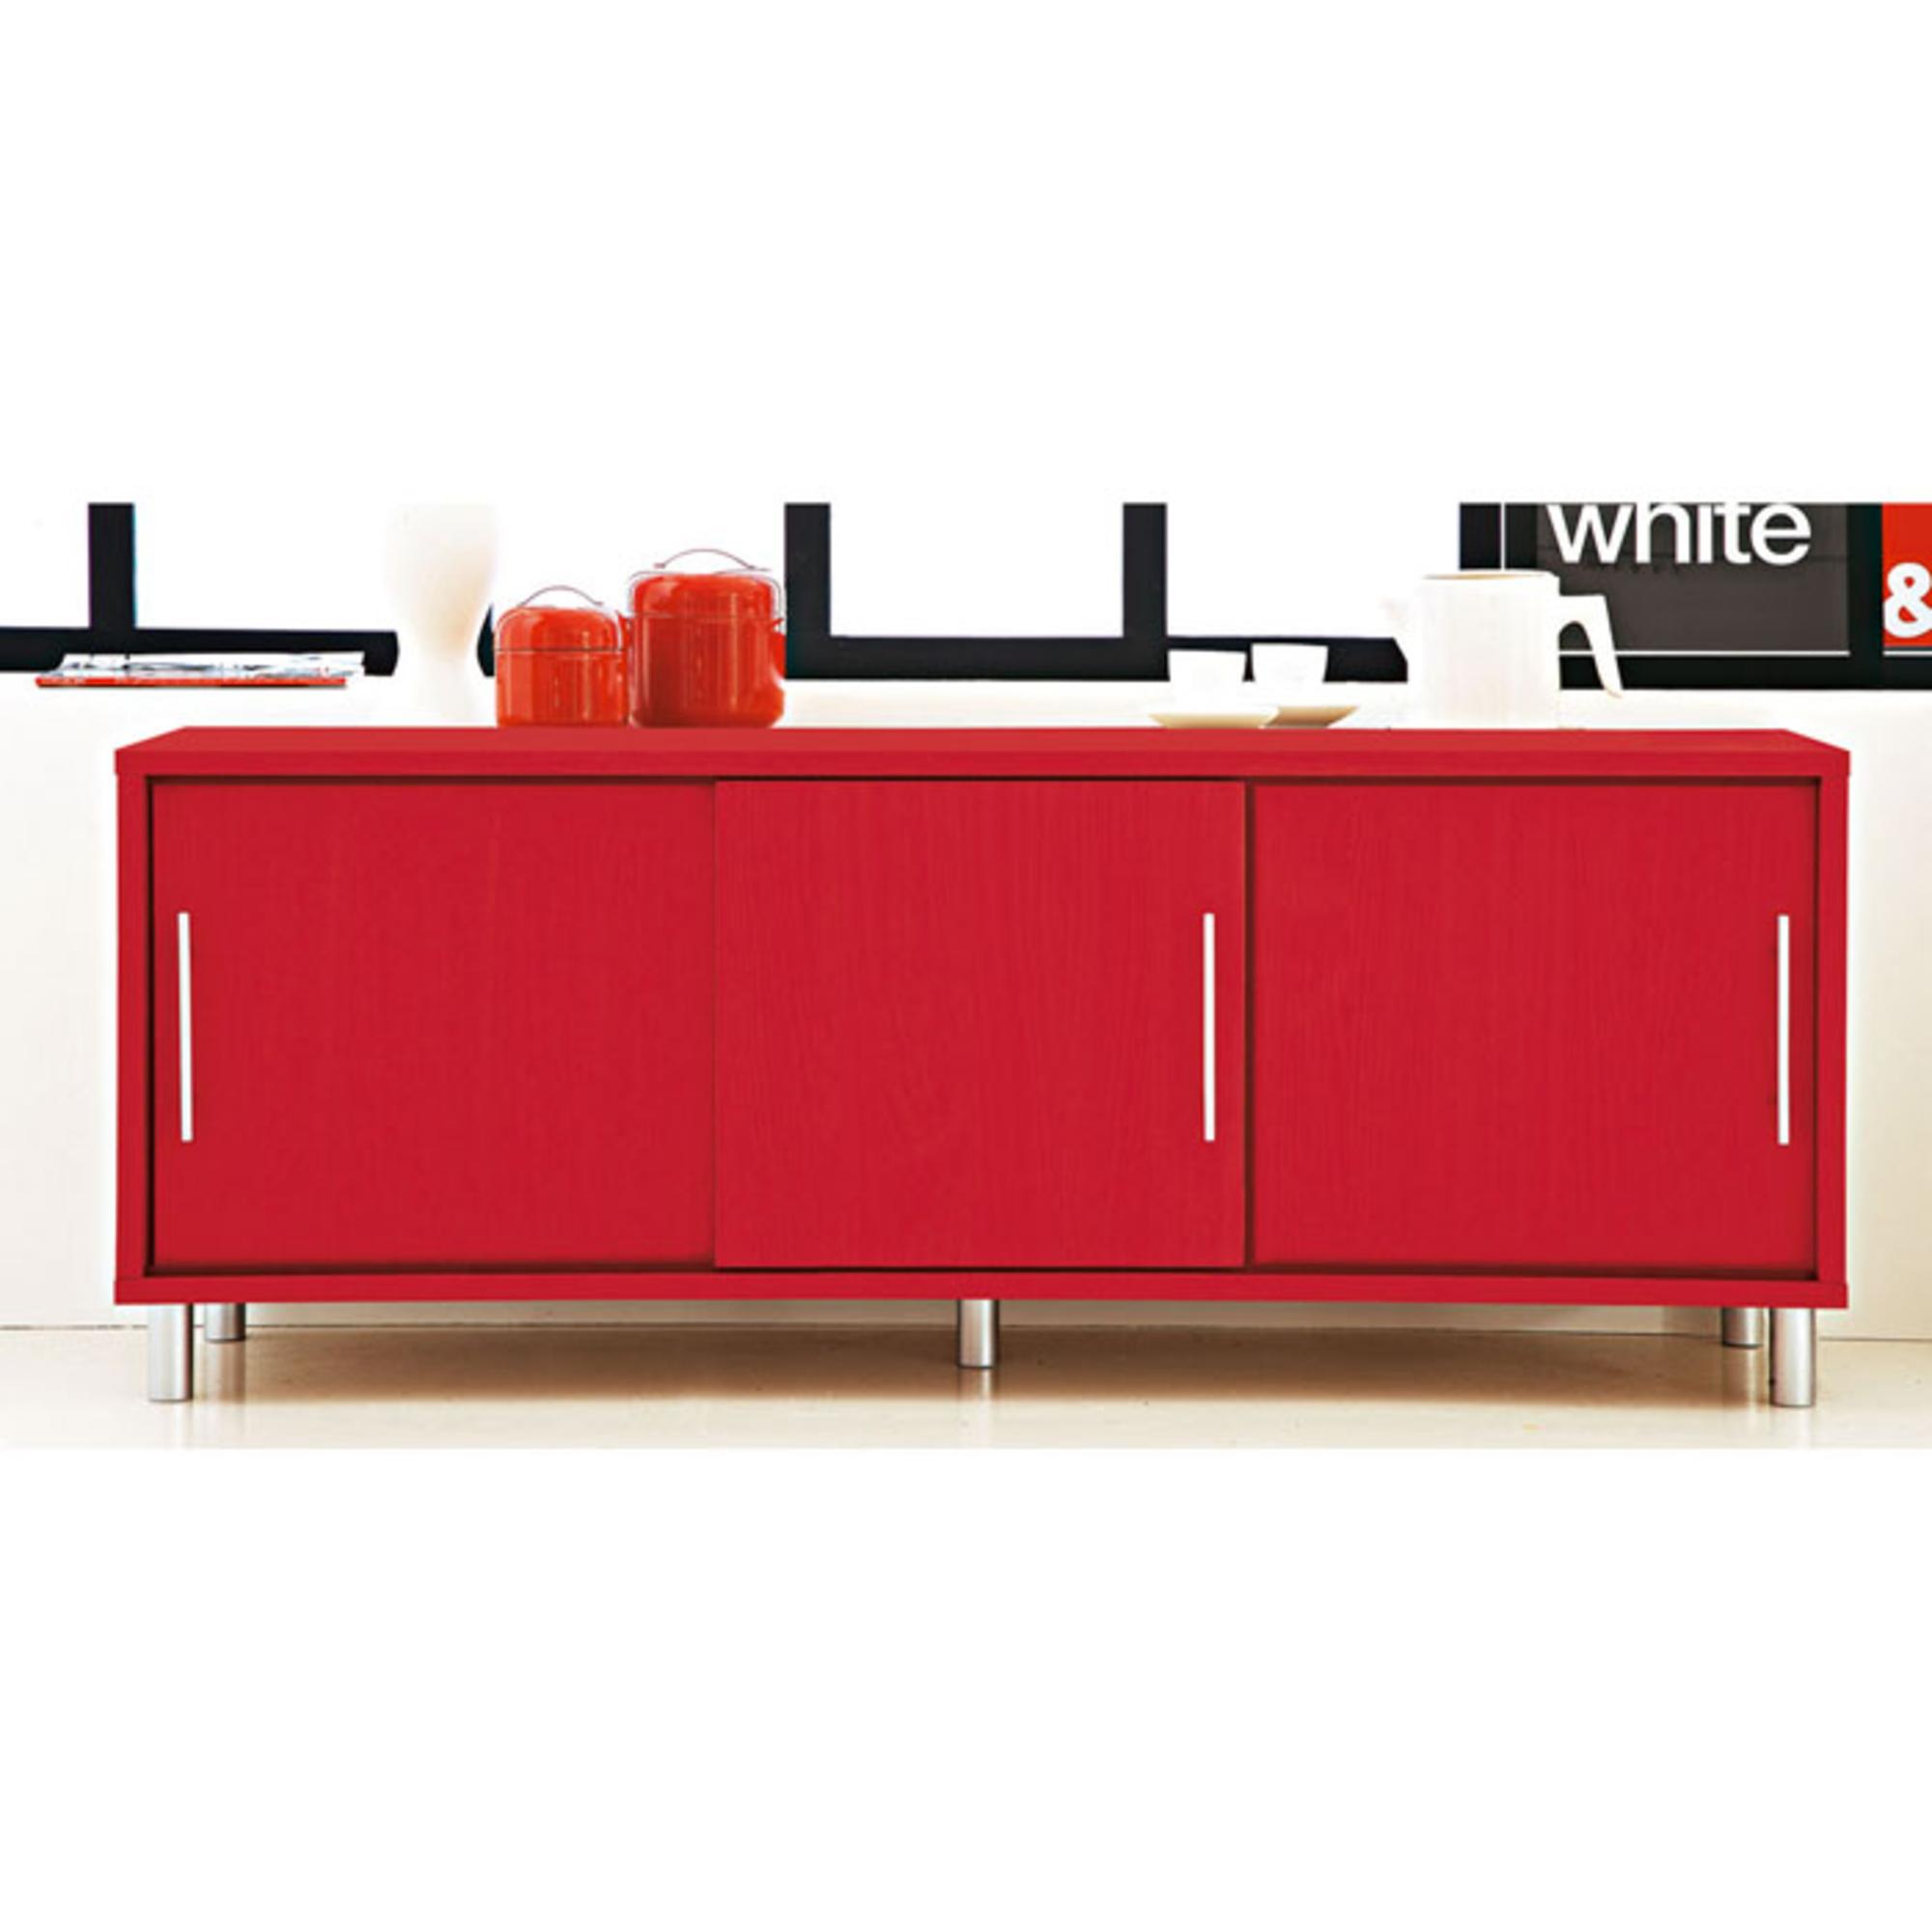 bahut bas 3 portes waldo rouge anniversaire 40 ans acheter ce produit au meilleur prix. Black Bedroom Furniture Sets. Home Design Ideas